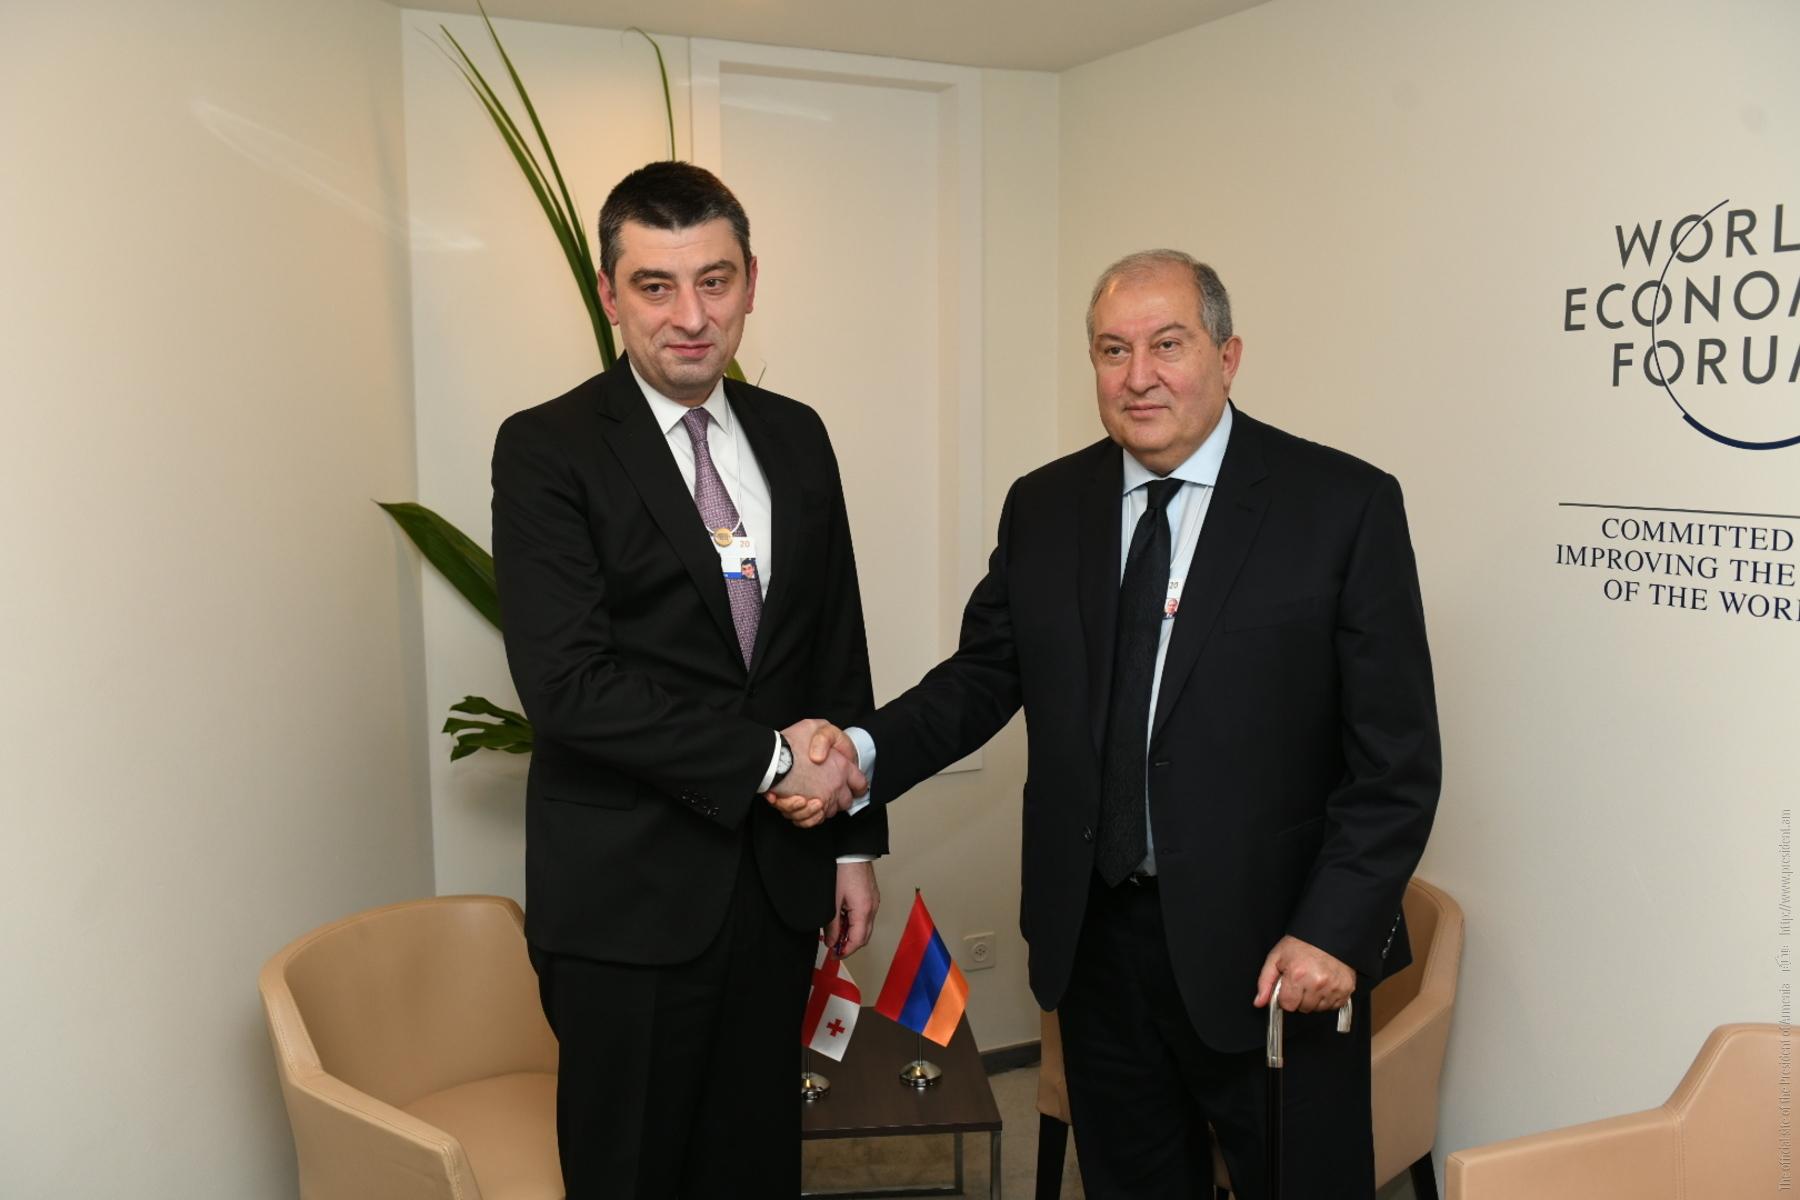 Համագործակցության լայն սպեկտր և հսկայական ներուժ. նախագահ Սարգսյանը հանդիպել է Վրաստանի վարչապետ Գեորգի Գախարիայի հետ